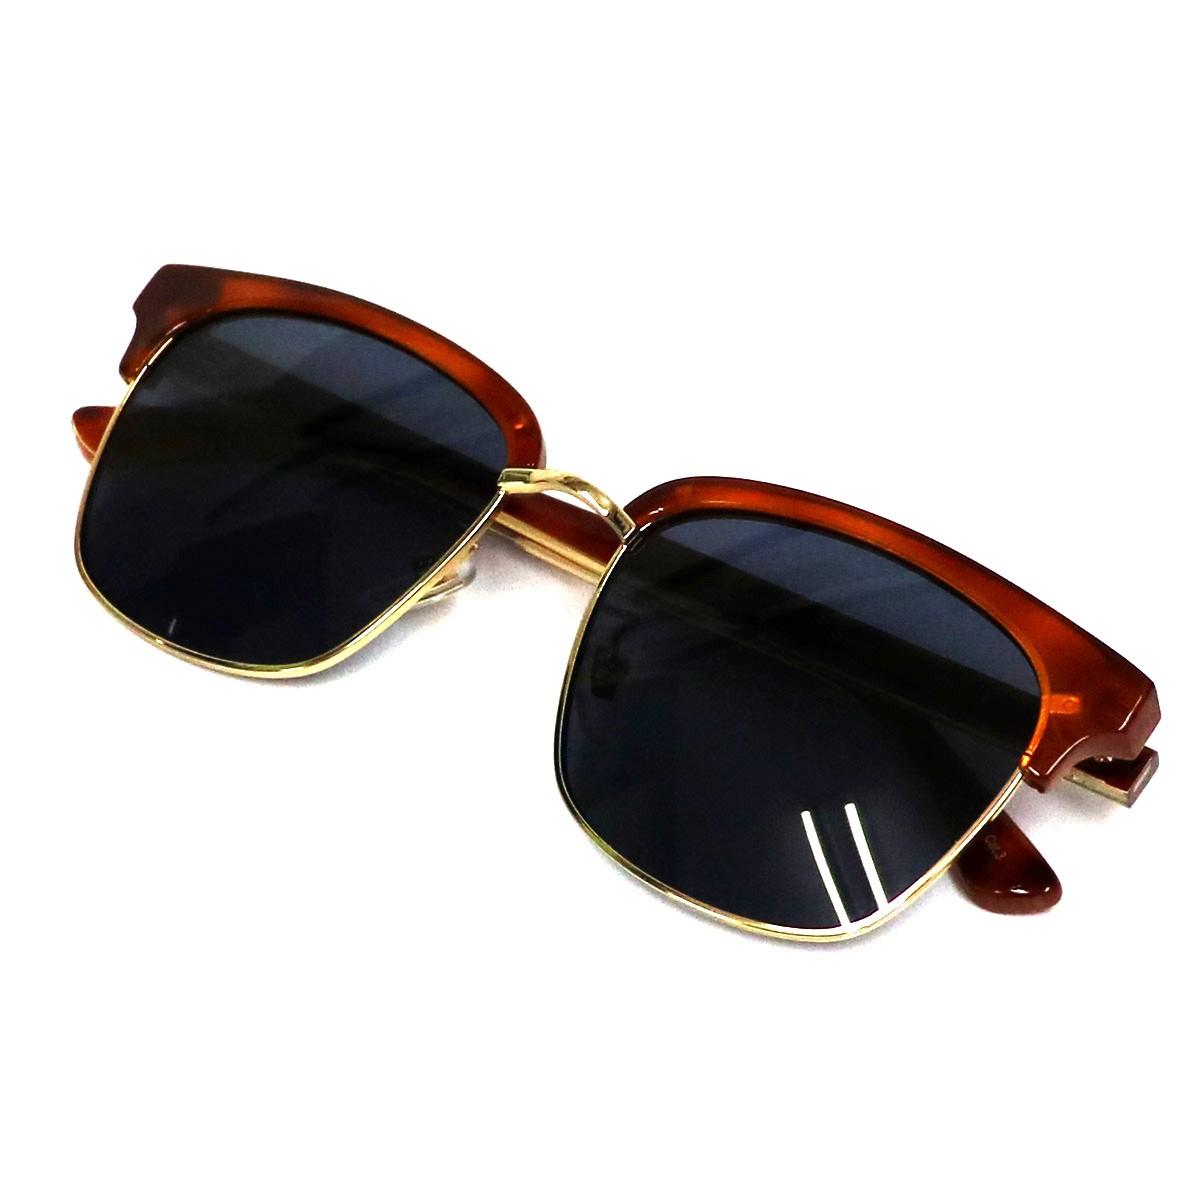 【中古】GUCCI スクエアフレームサングラス眼鏡 ブラウン サイズ:56□18-145 【201119】(グッチ)